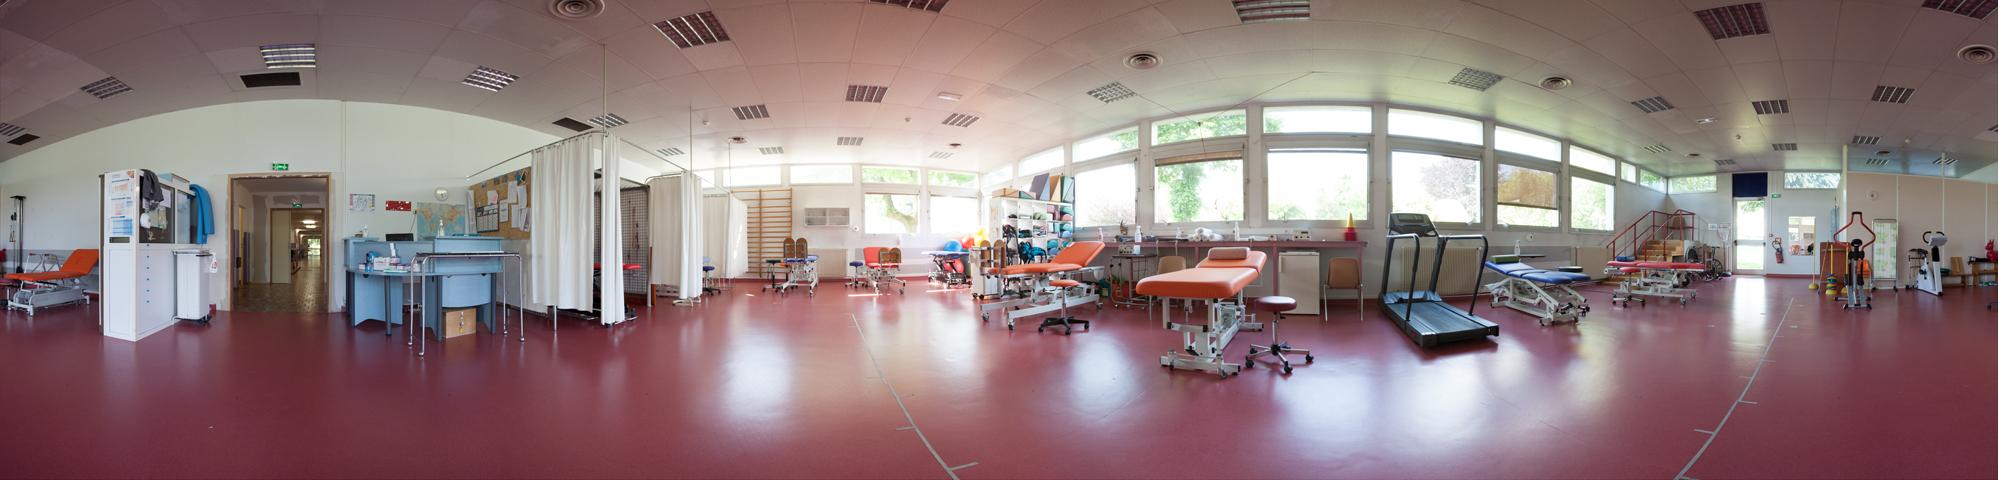 Cette salle constitue la salle principale de rééducation pédiatrique, située au rez-de-chaussée du bâtiment. Elle dispose de boxs indivuels sur les espaces latéraux permettant des prises en charge dans le respect de l'intimité.